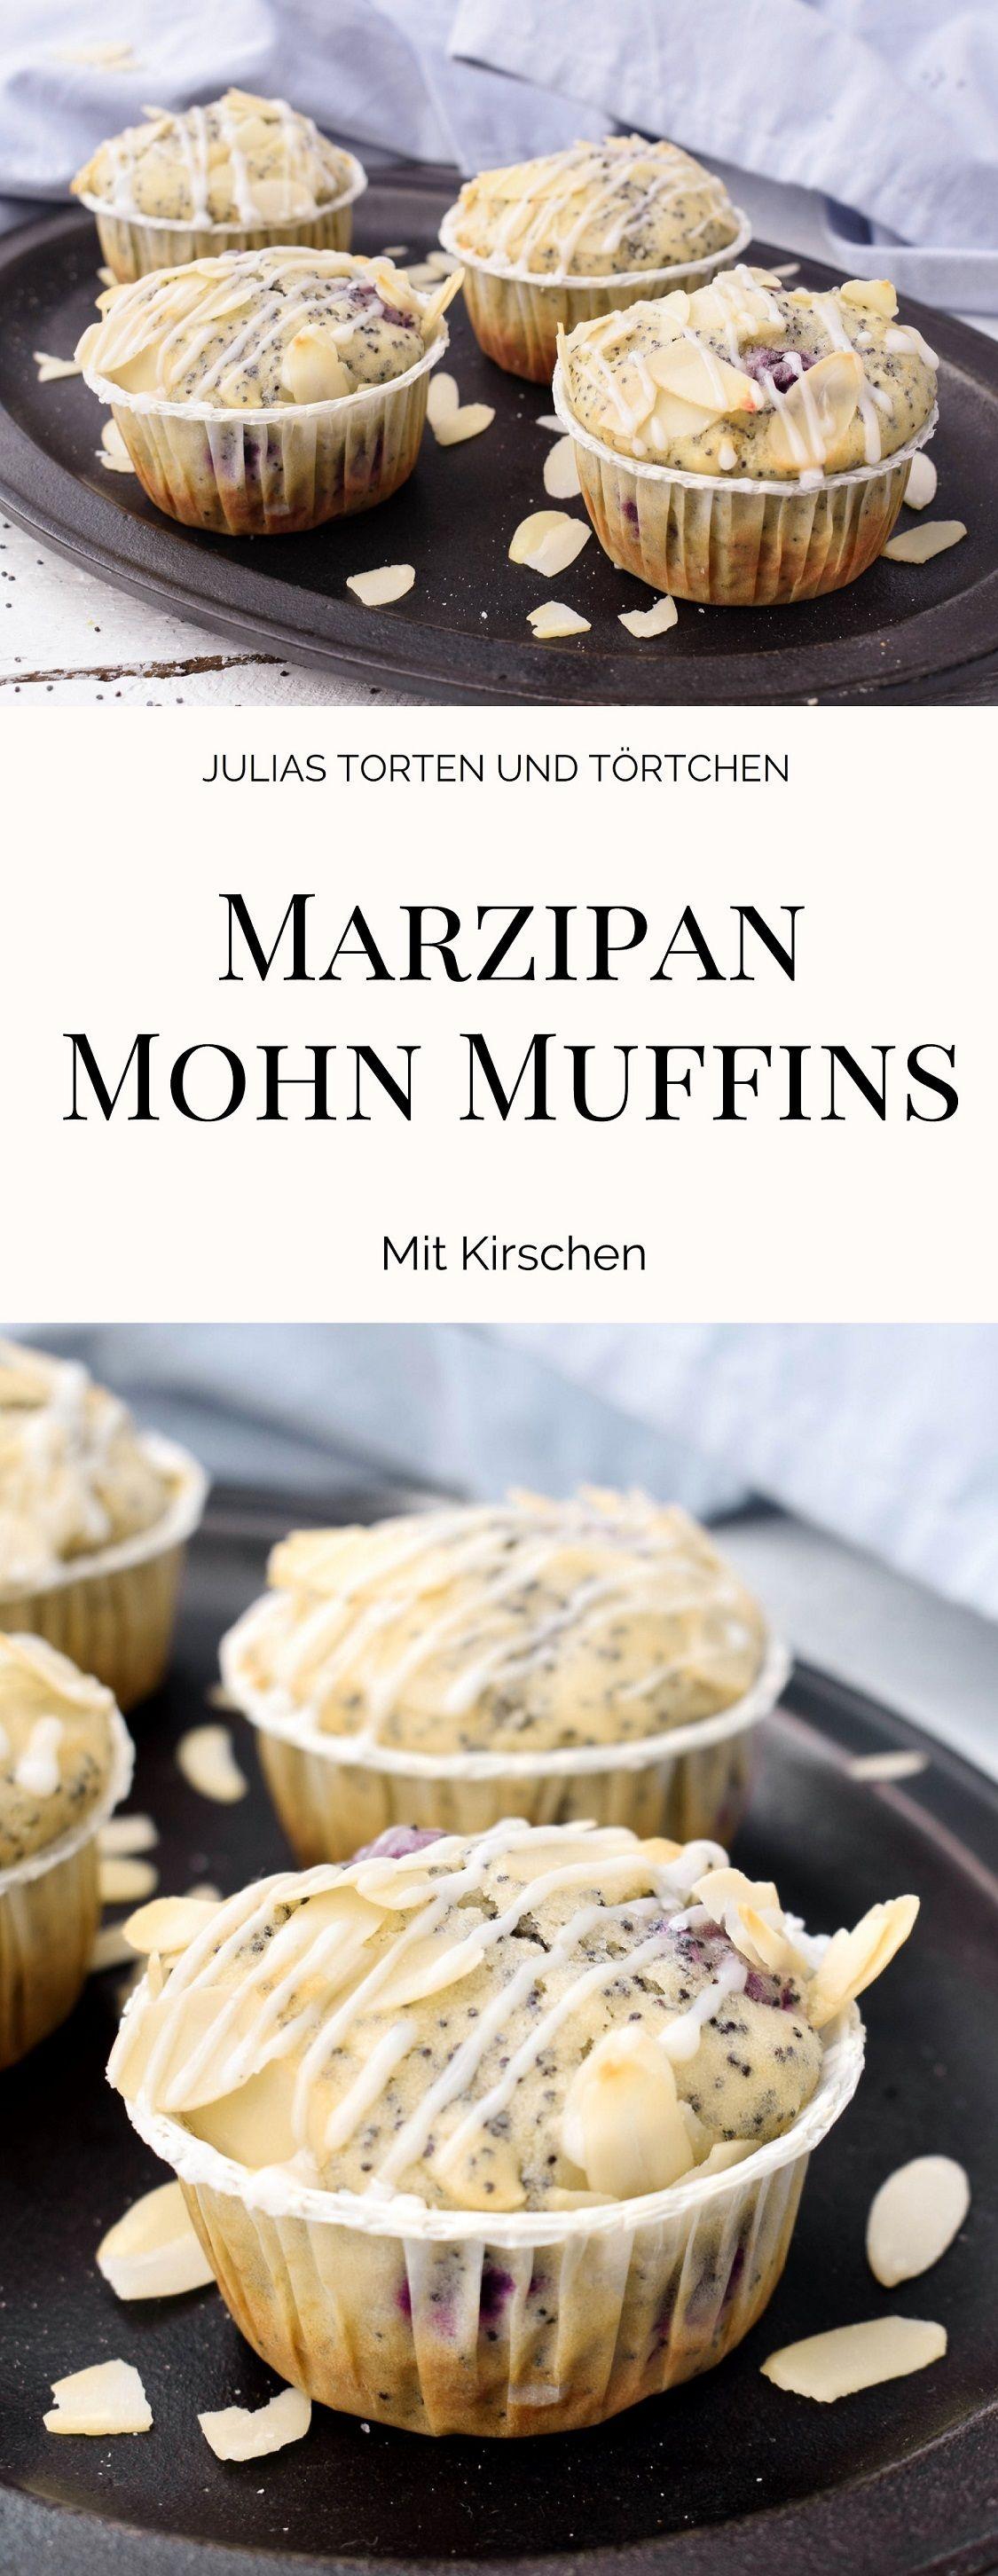 marzipan mohn muffins mit kirschen muffins mit kirschen. Black Bedroom Furniture Sets. Home Design Ideas